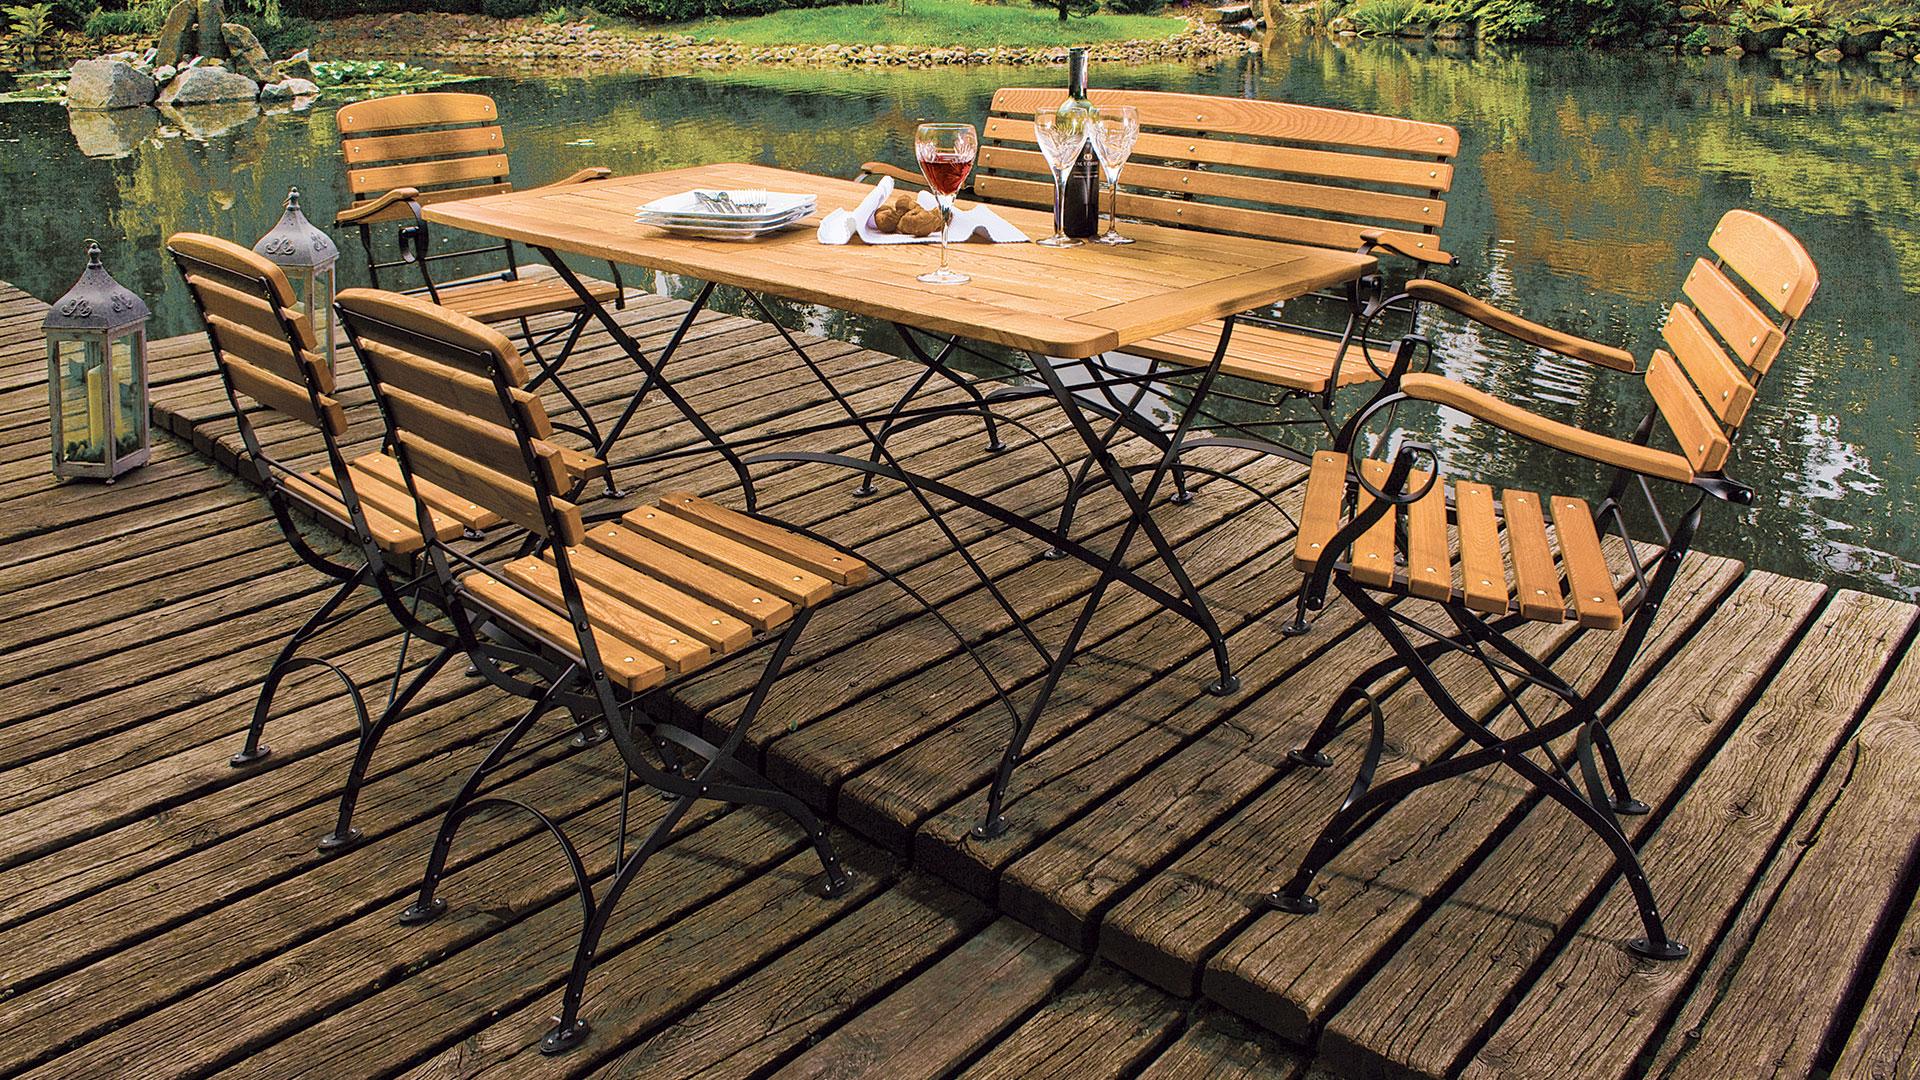 Gartenmöbel Weiß Holz Set ~ Gartenmöbel set für zwei darwin« klappbar u gartentraum